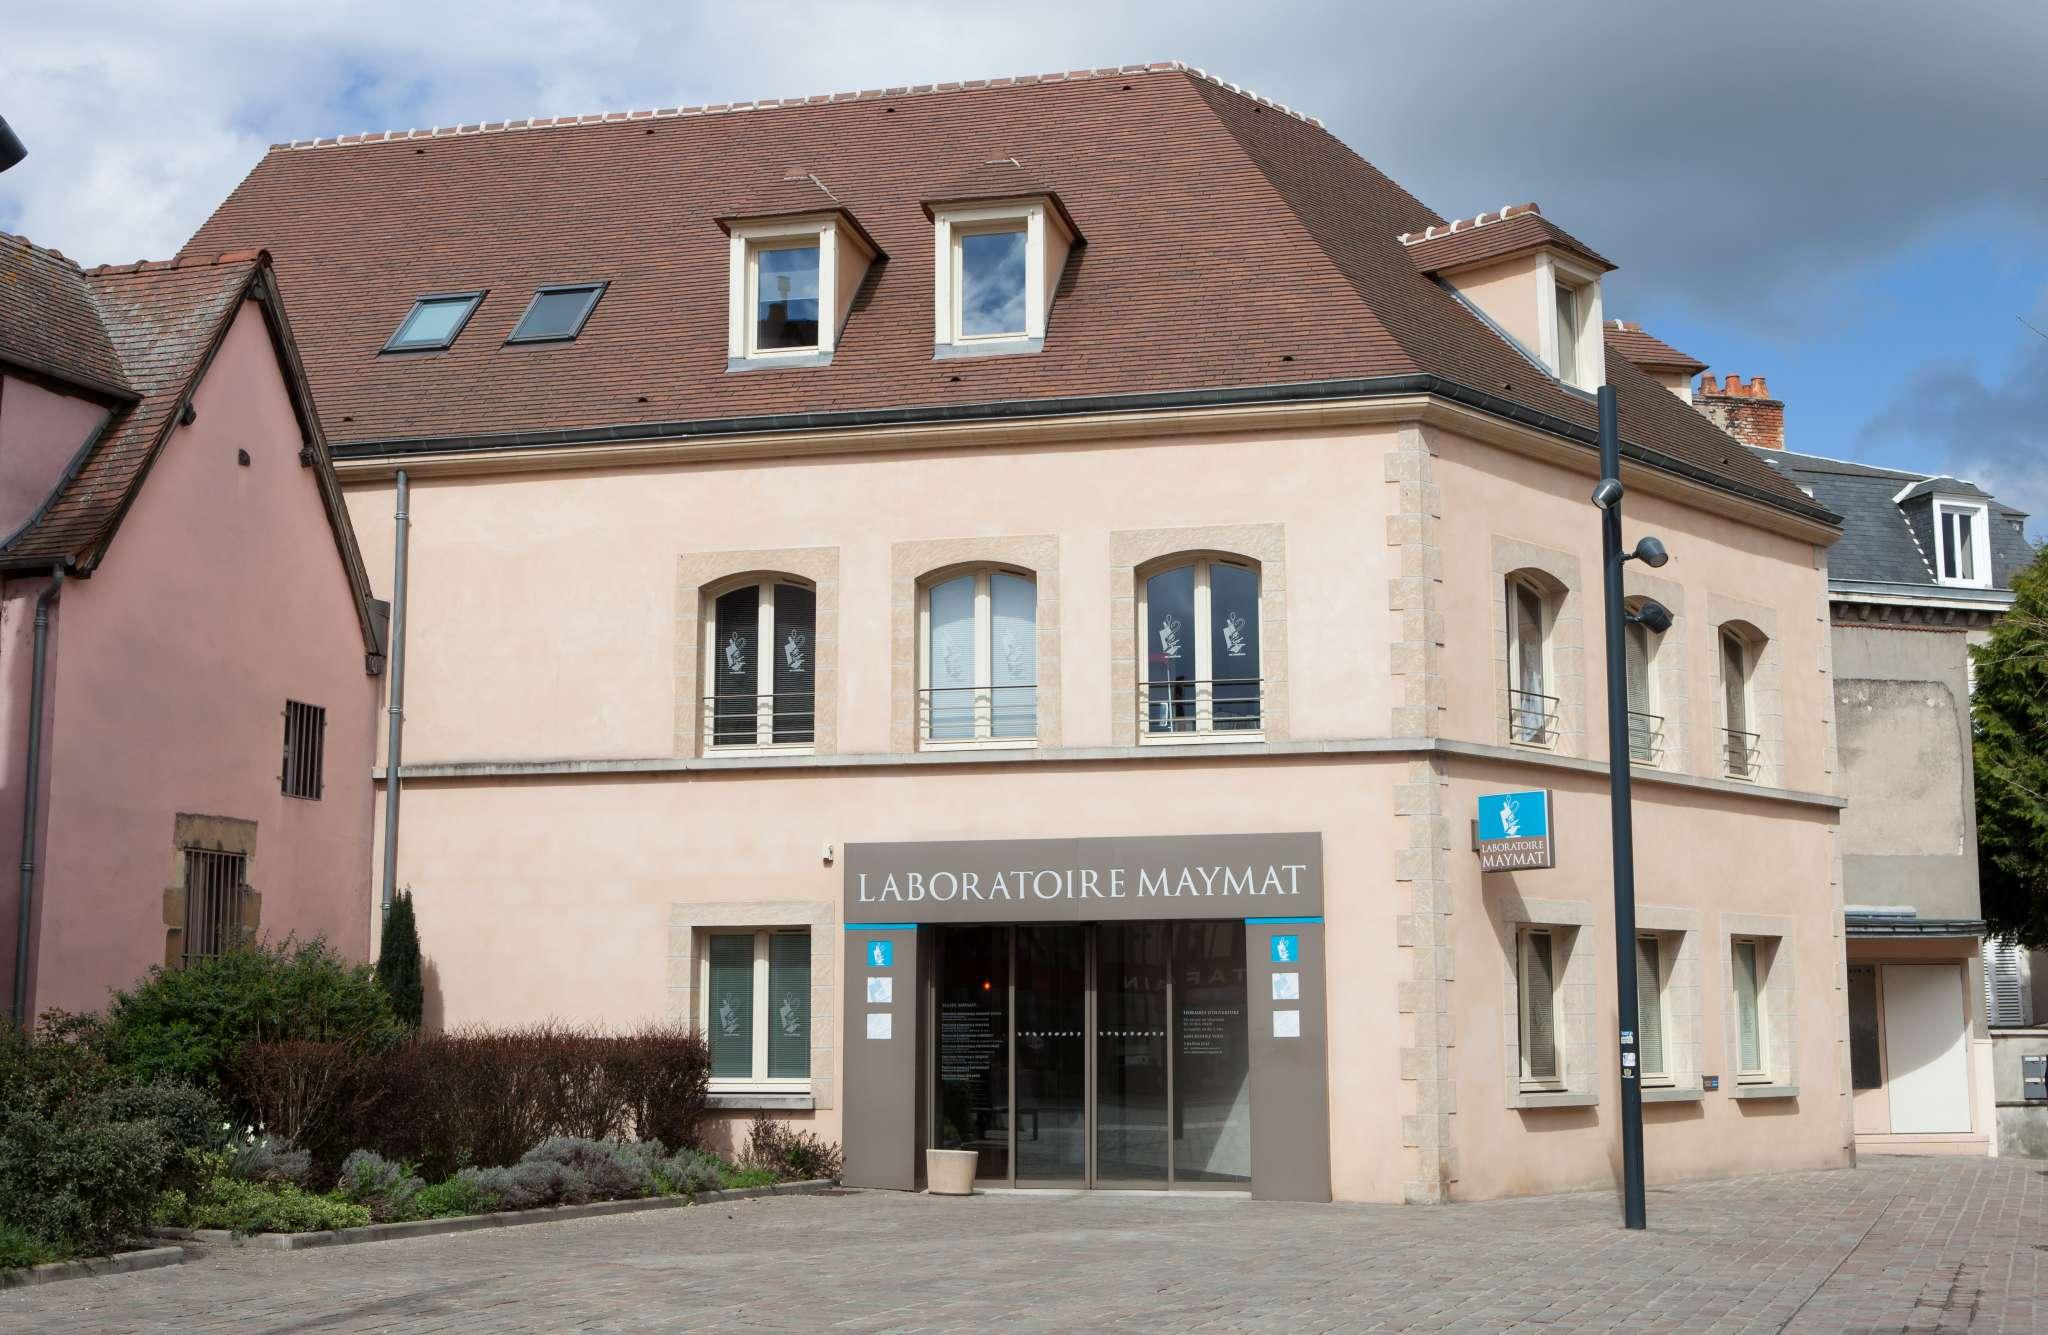 Laboratoire d'analyses MAYMAT de Moulins. Vue extérieure, façade.